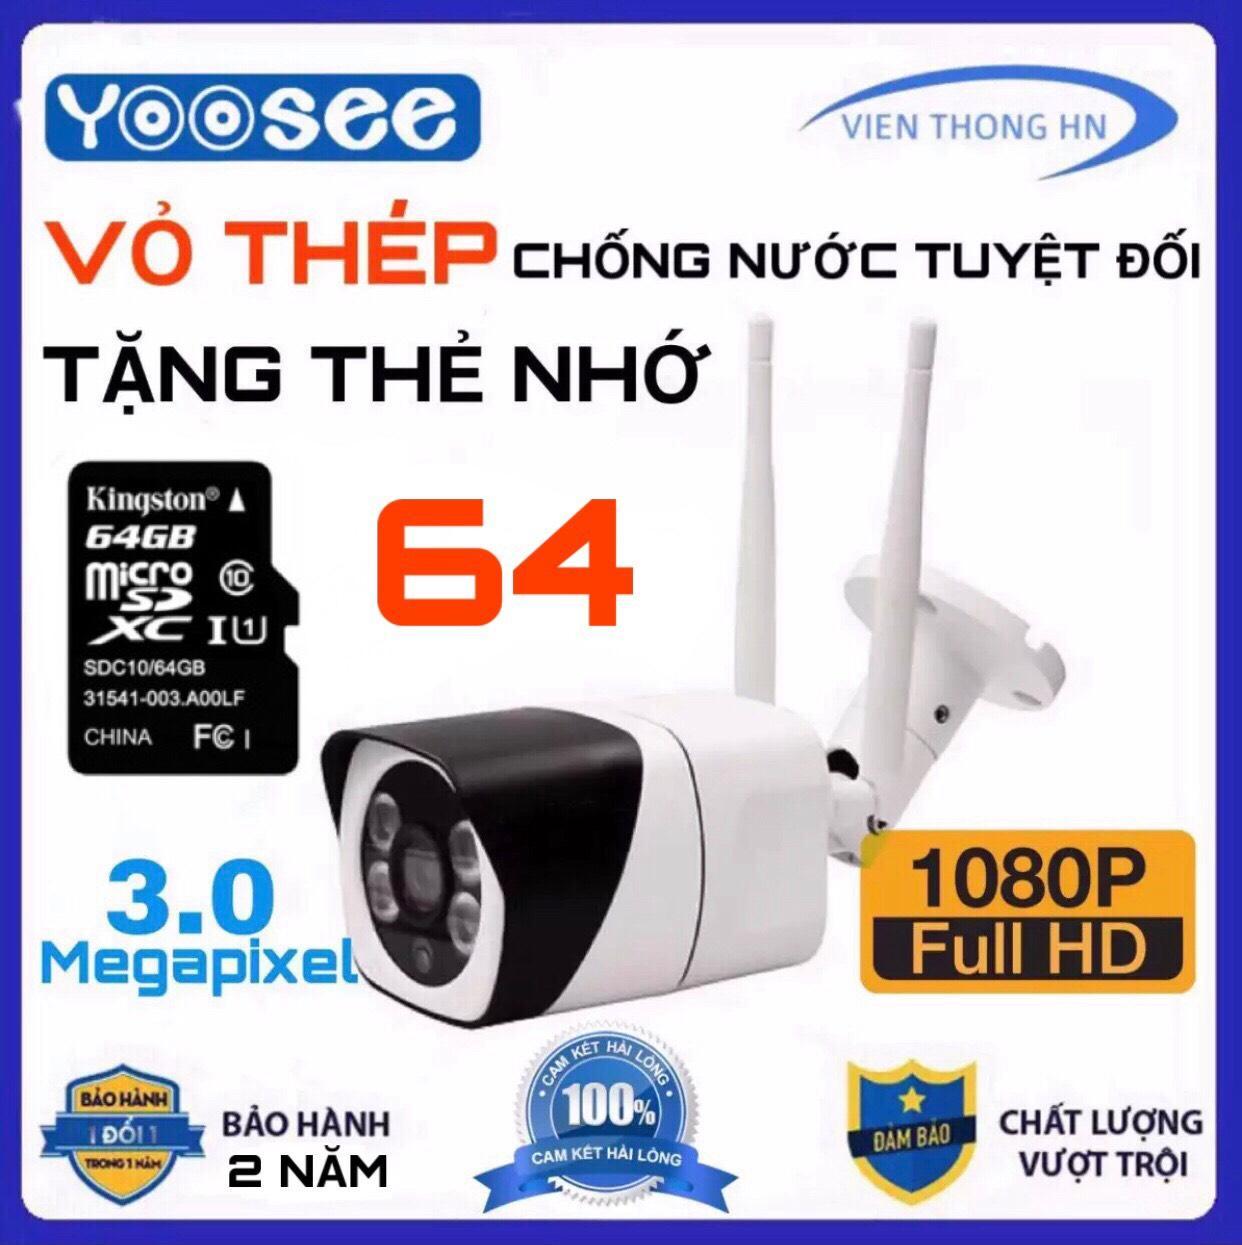 [VỎ BẰNG THÉP CHỐNG NƯỚC] Camera wifi yoosee 3.0Mp 1920 x 1080P Full HD S10 NGOÀI TRỜI khả năng lưu trữ 64gb - TRONG NHÀ XEM ĐÊM CÓ MÀU - CAMERA WIFI CHỐNG NƯỚC tặng thẻ nhớ 64